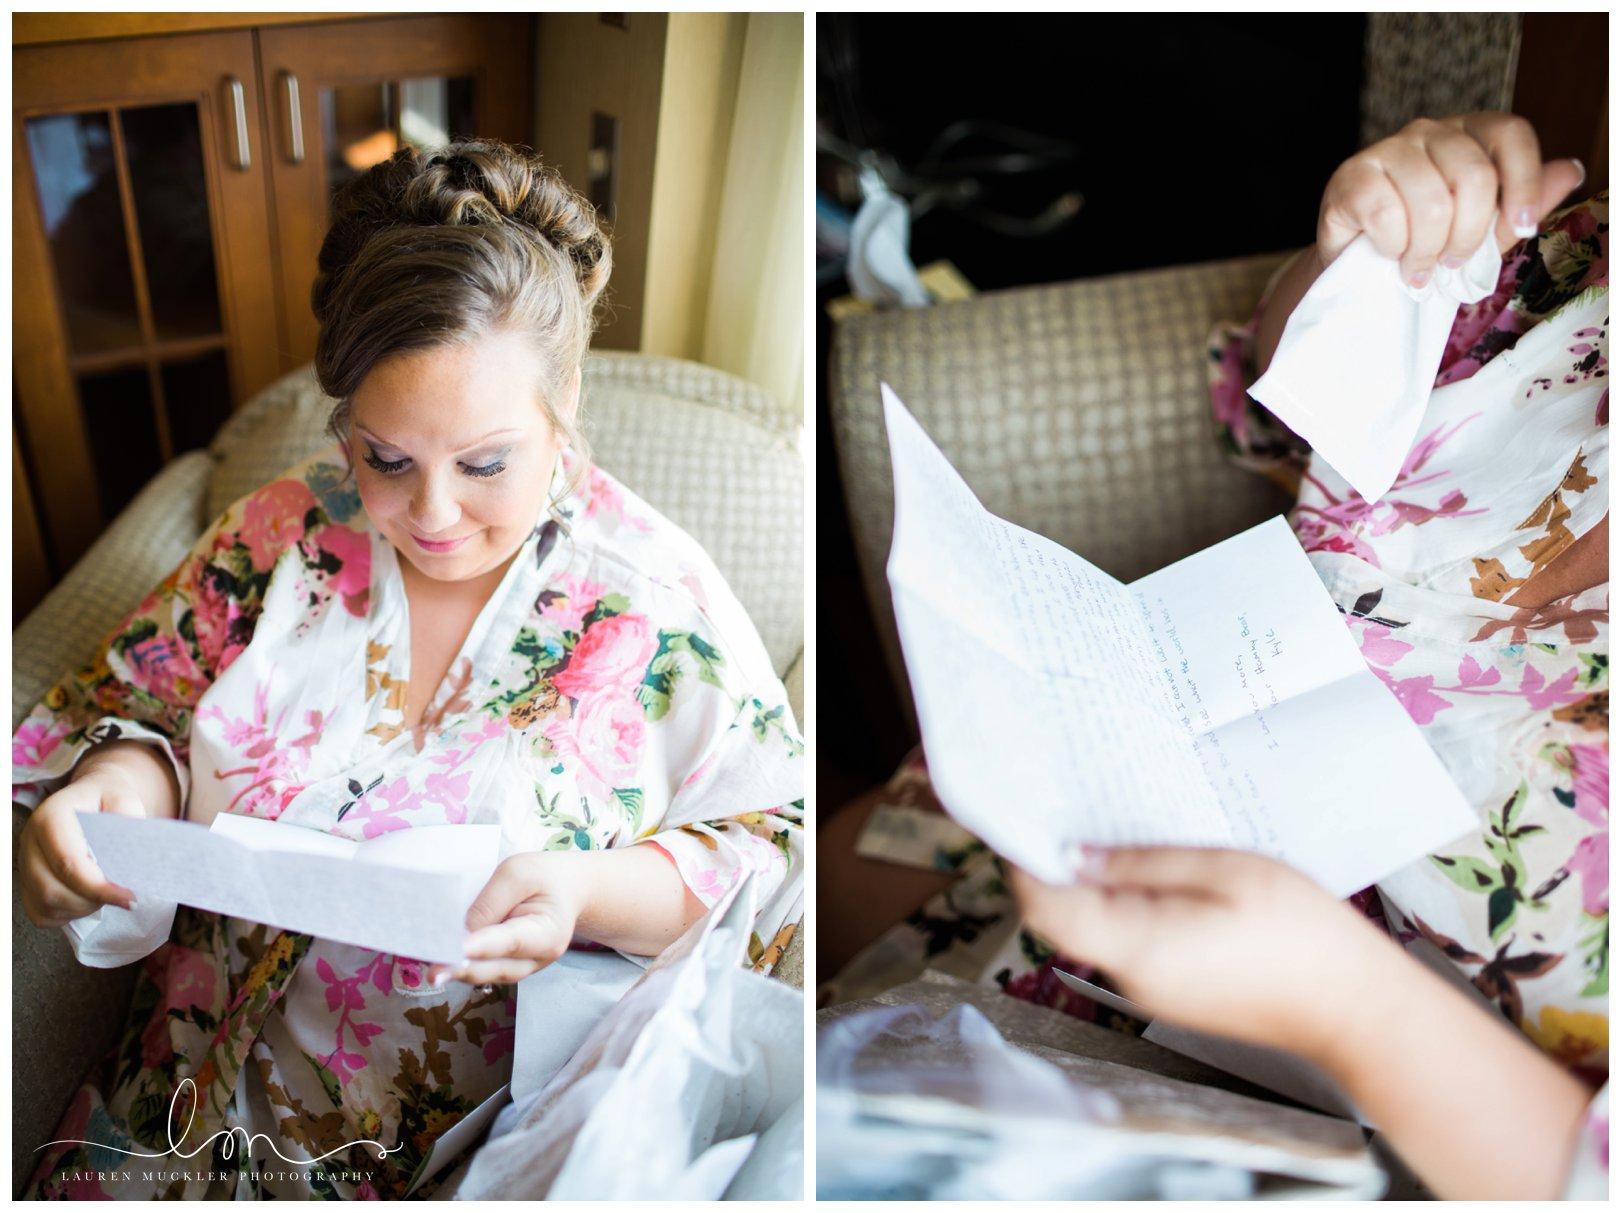 lauren muckler photography_fine art film wedding photography_st louis_photography_0615.jpg